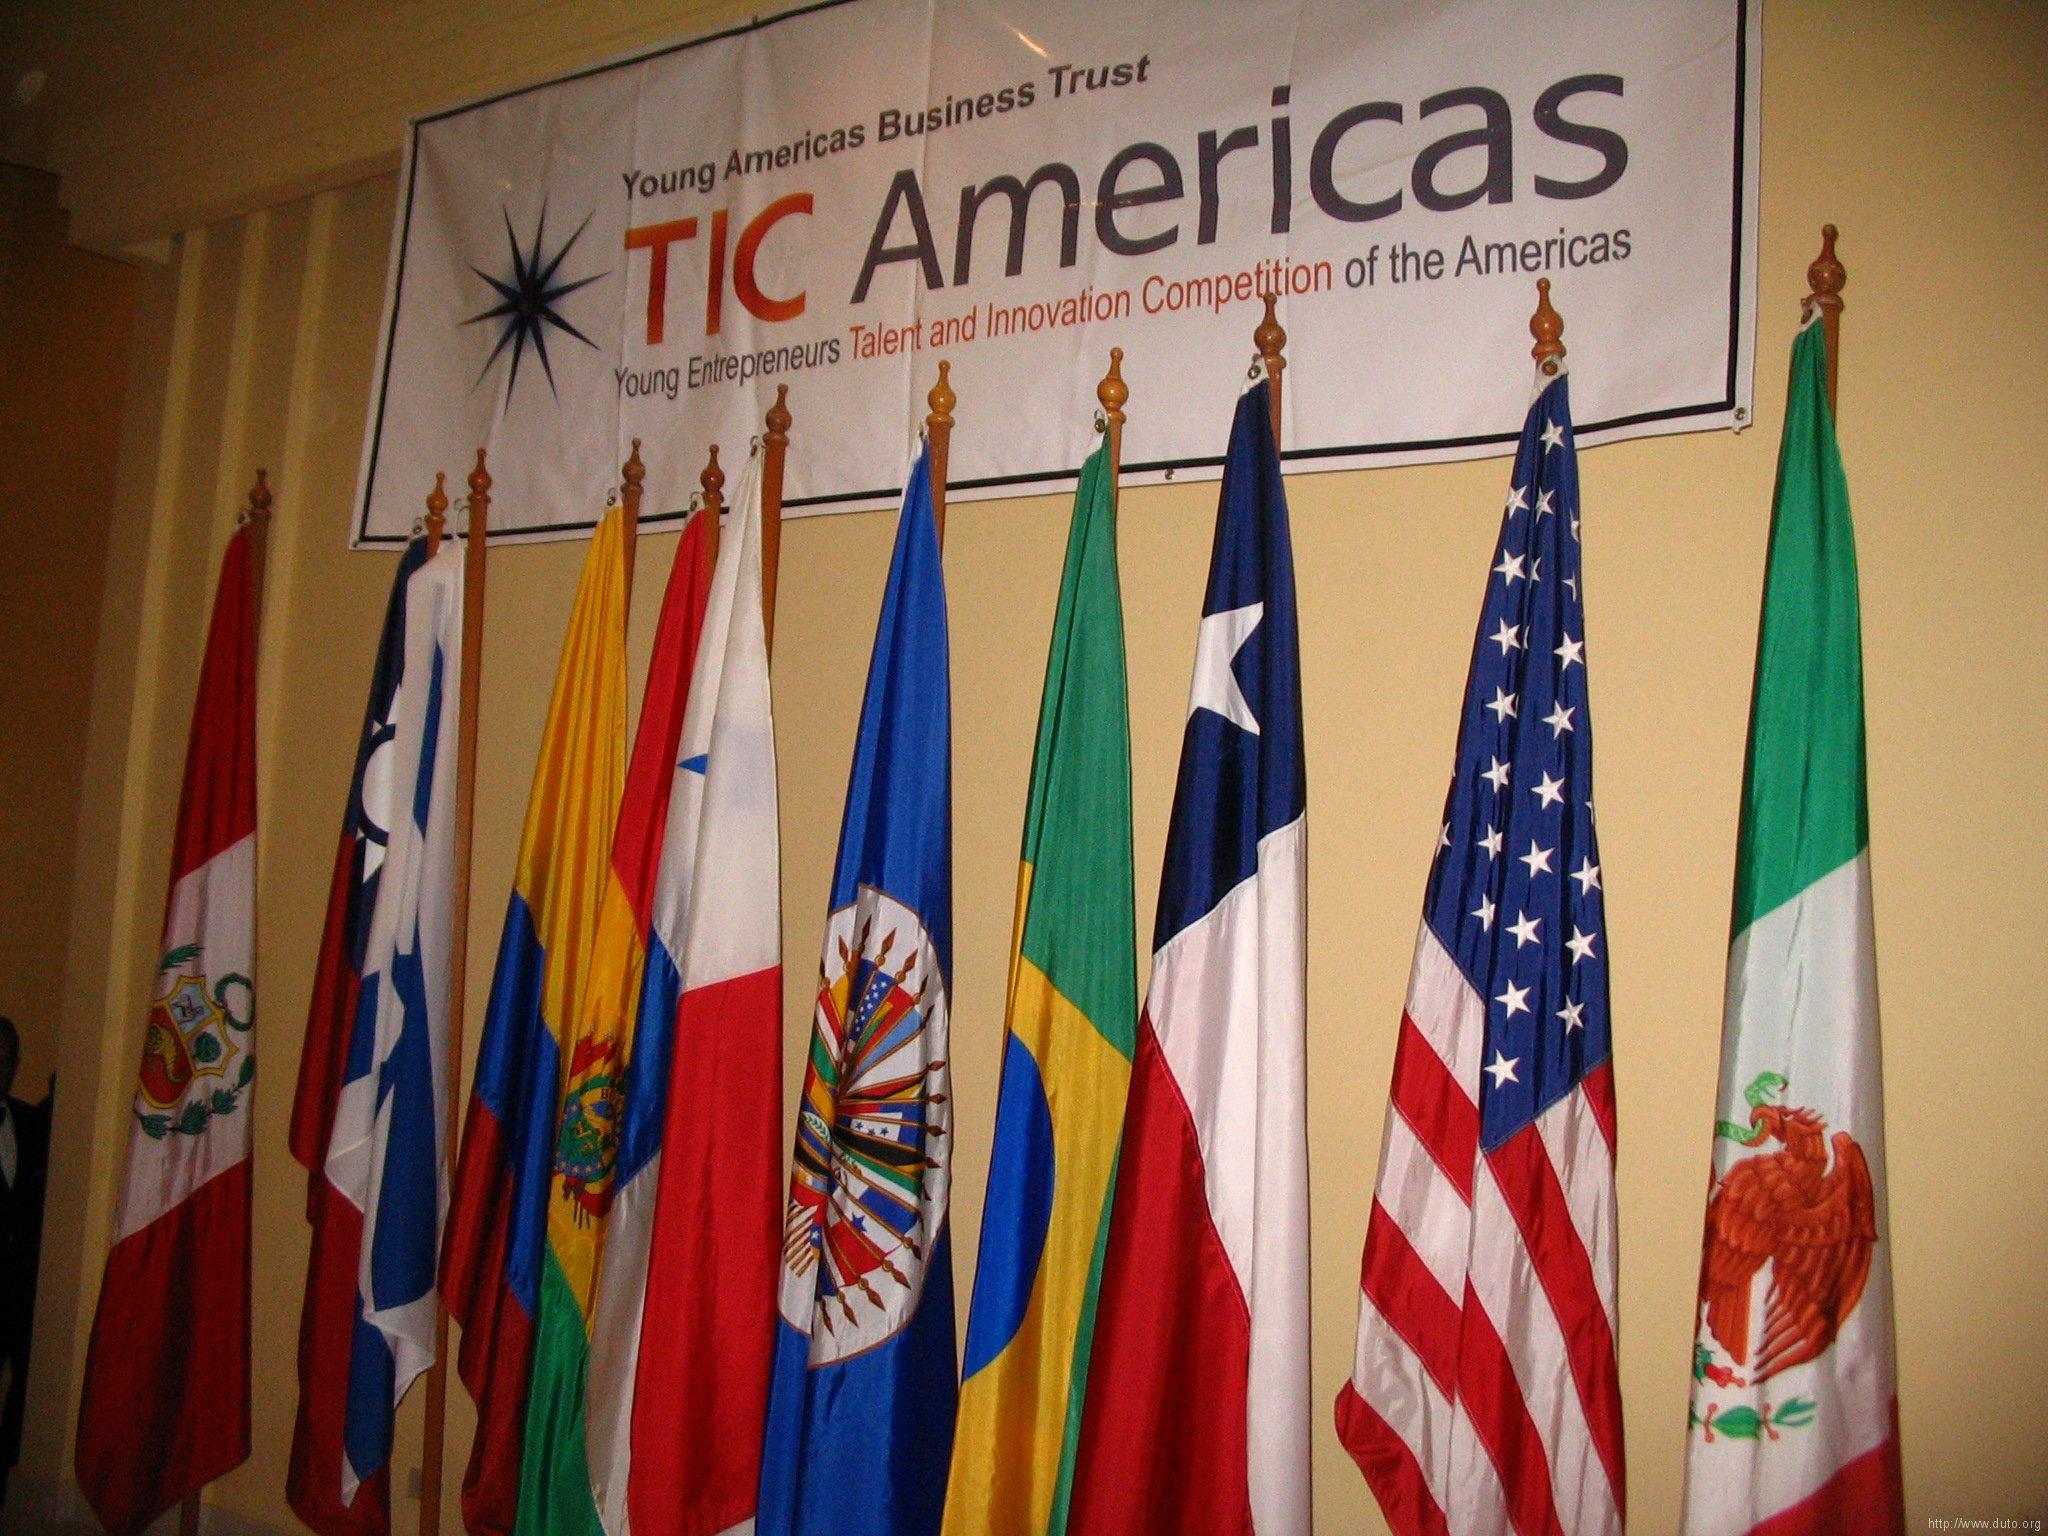 tic_americas